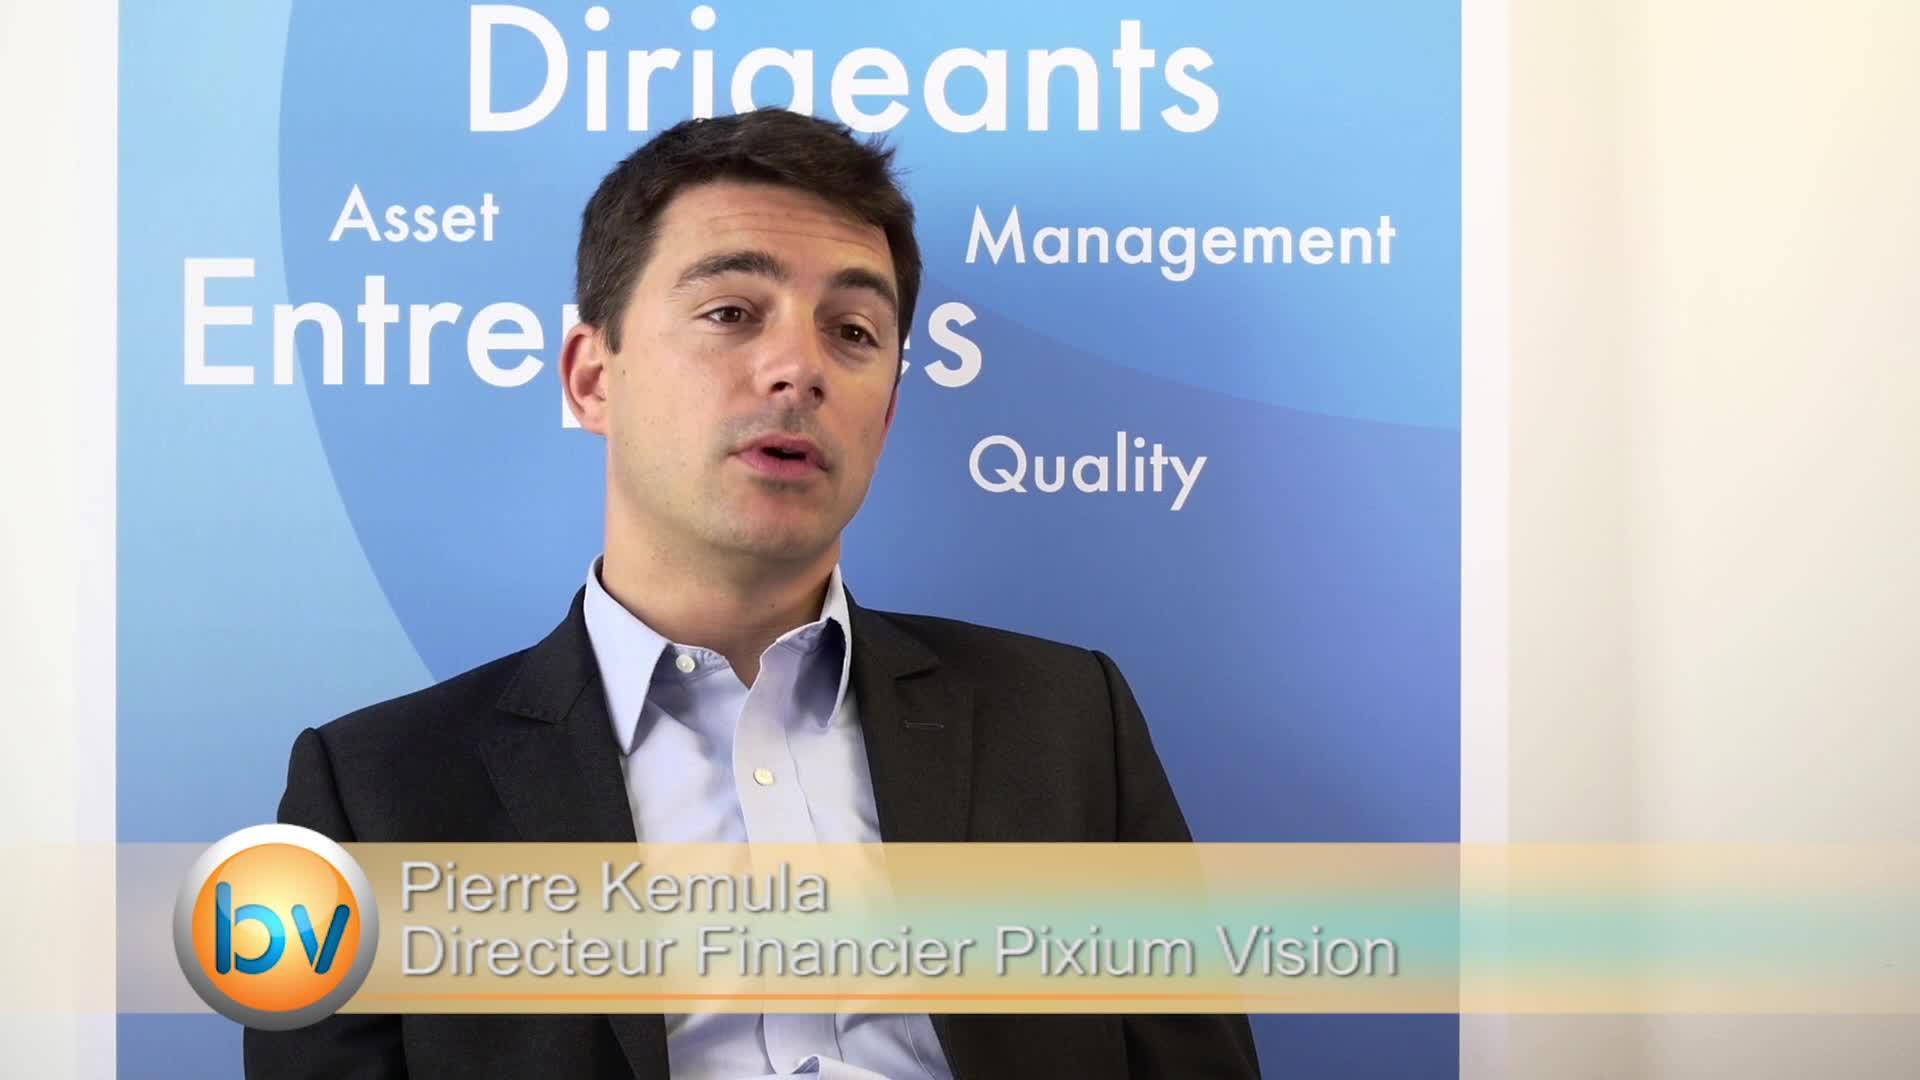 """Pierre Kemula Directeur Financier Pixium Vision : """"Dans quelques mois nous devrions avoir plus de confort sur le fonctionnement de Prima"""""""